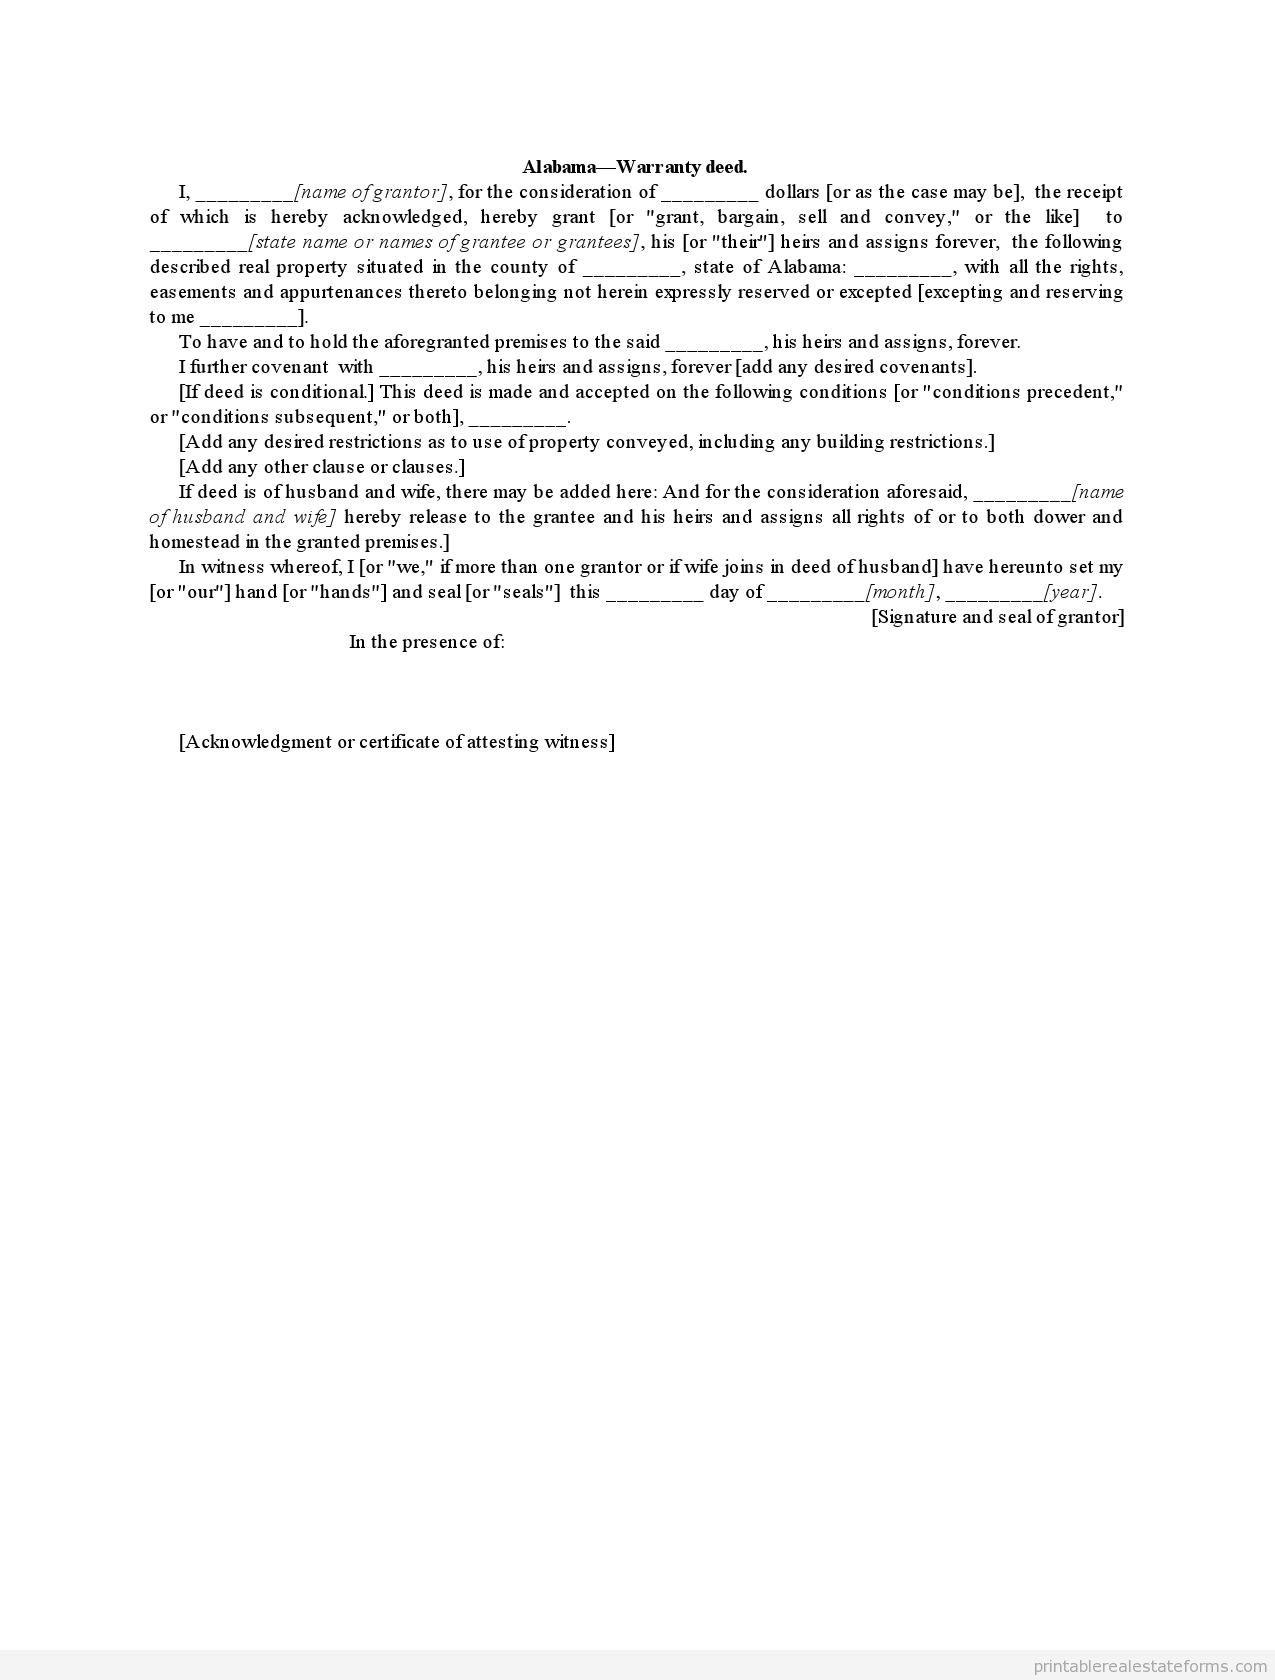 free warranty deed form alabama blank alabama form pdf. Black Bedroom Furniture Sets. Home Design Ideas